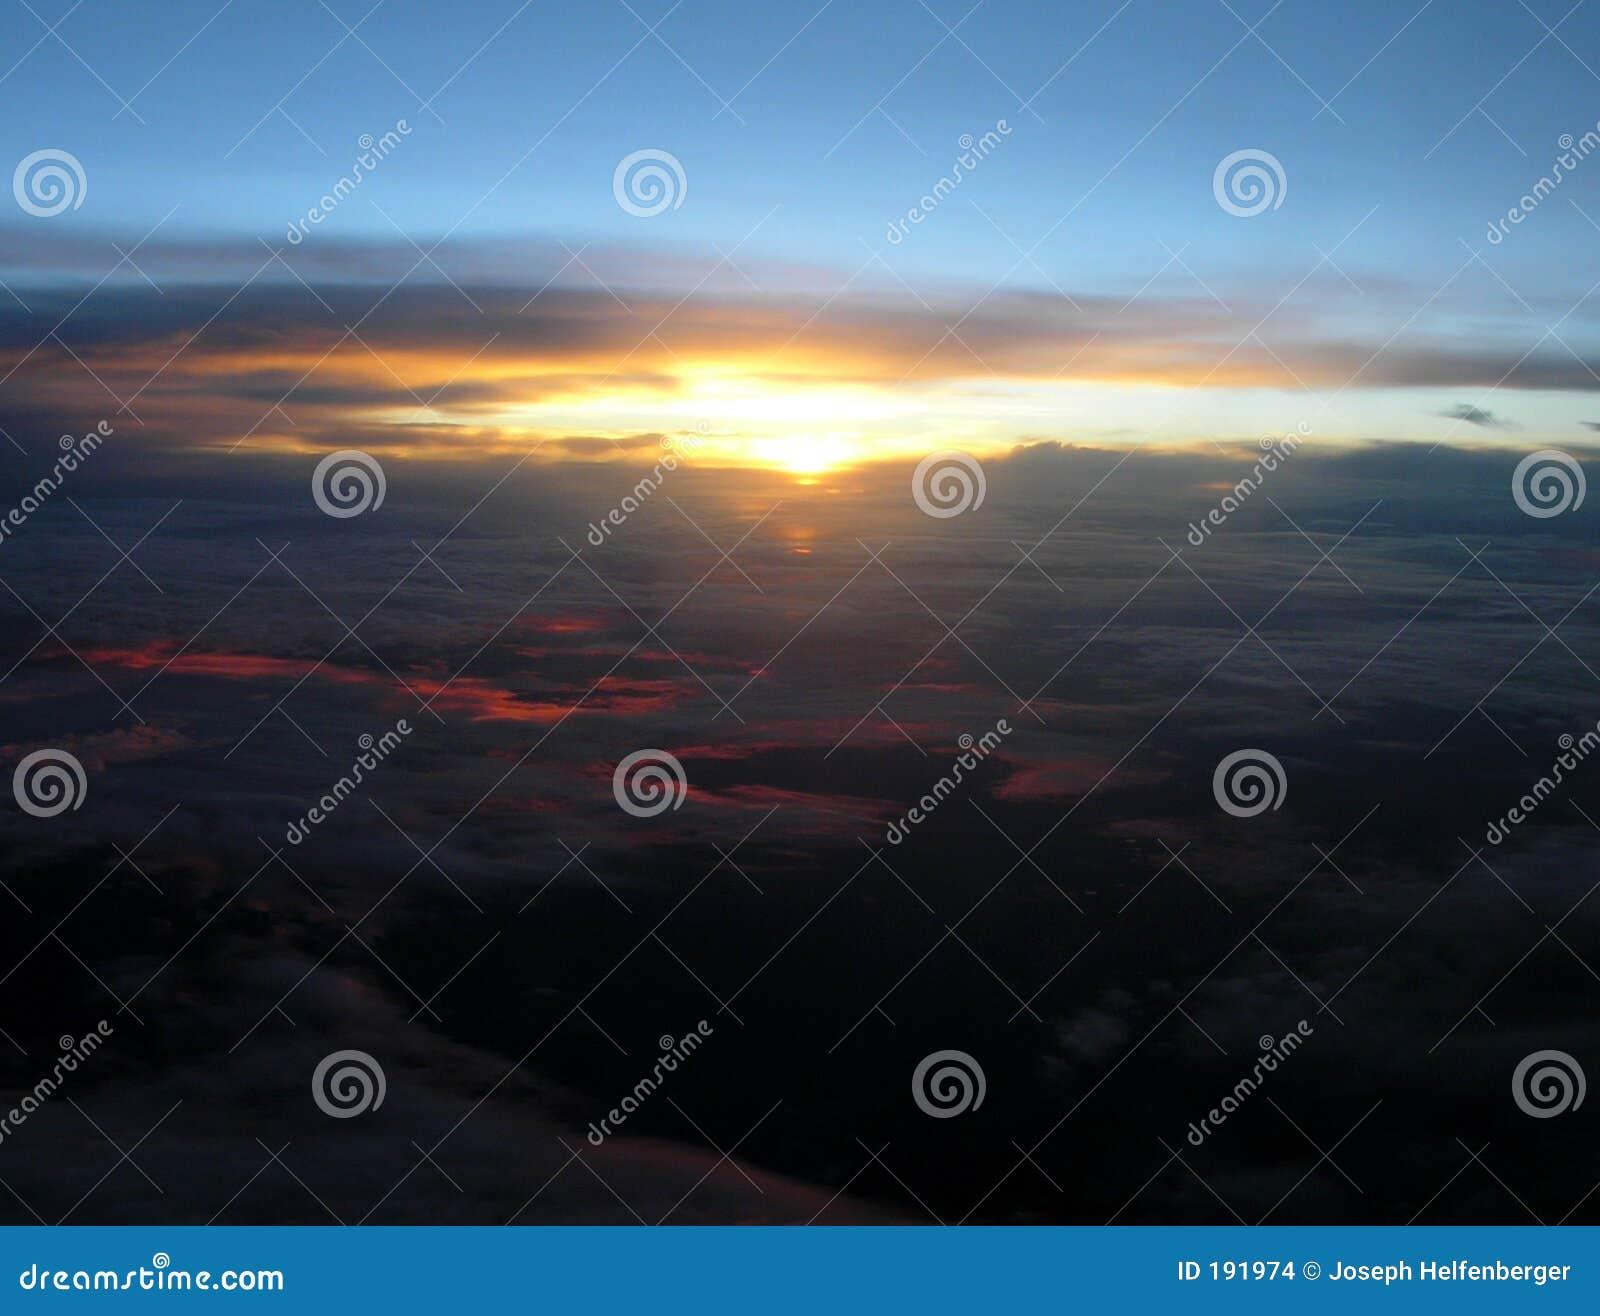 Puesta del sol de arriba